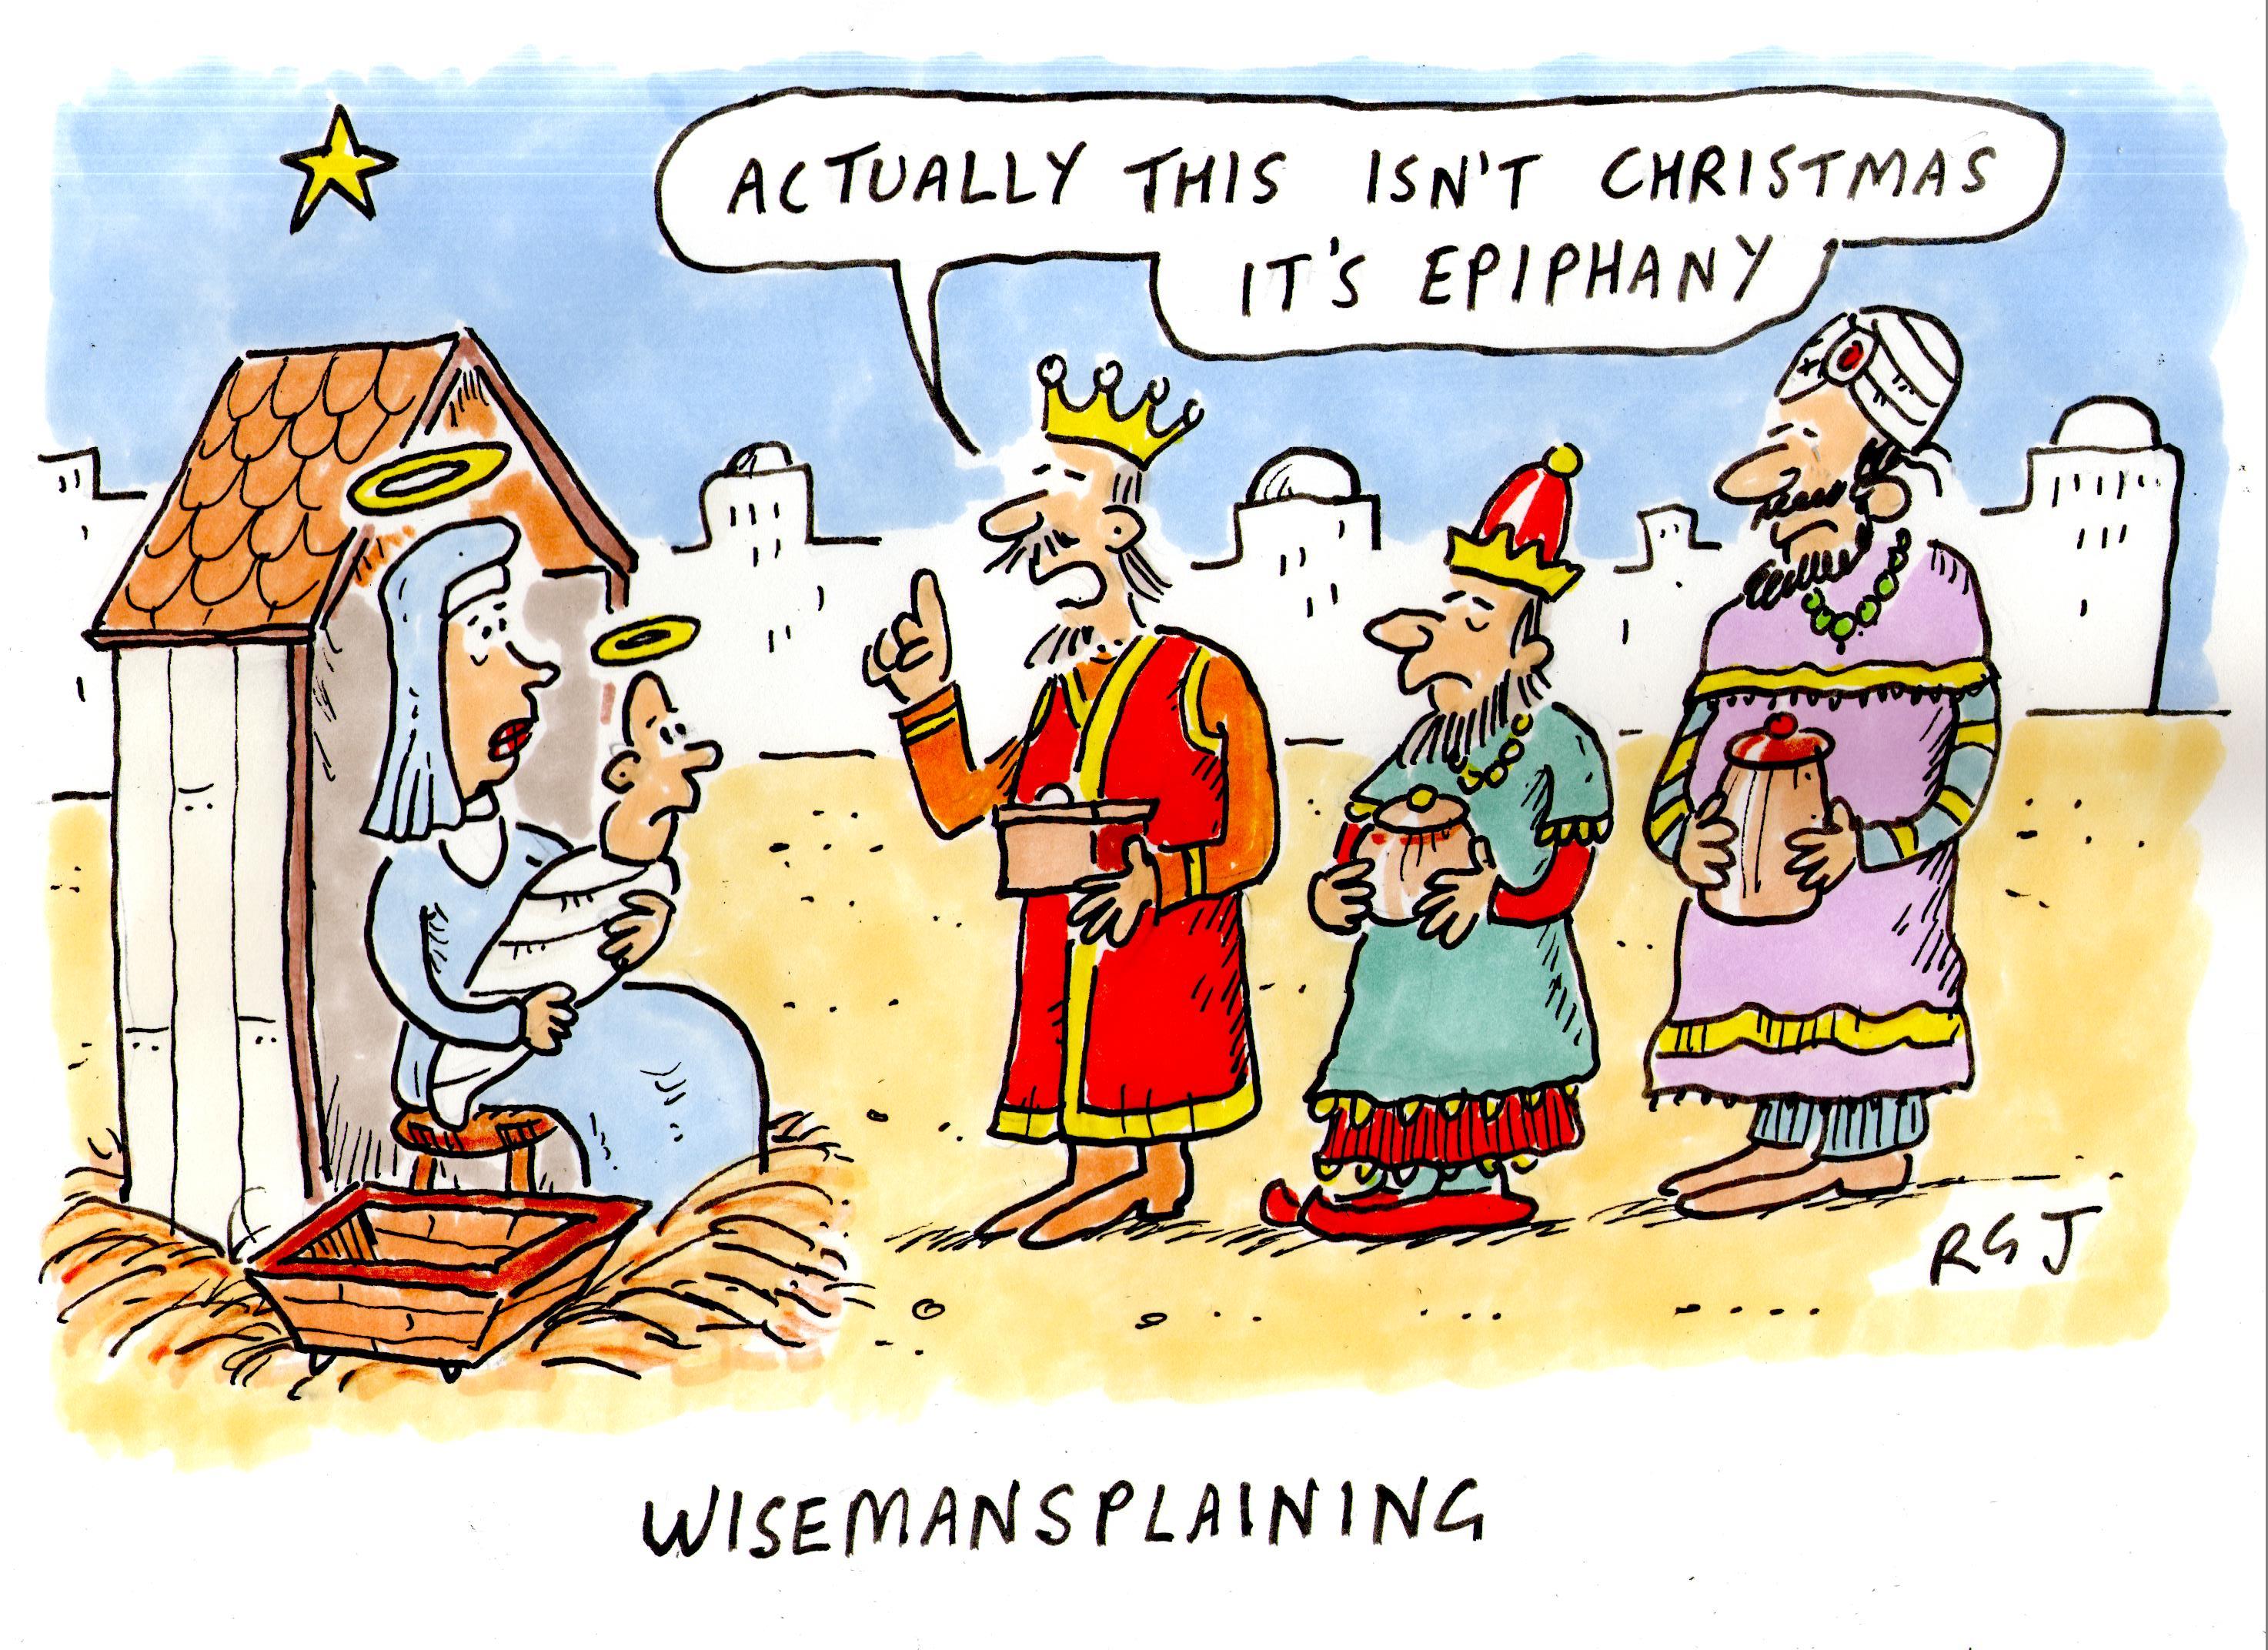 wisemansplaining